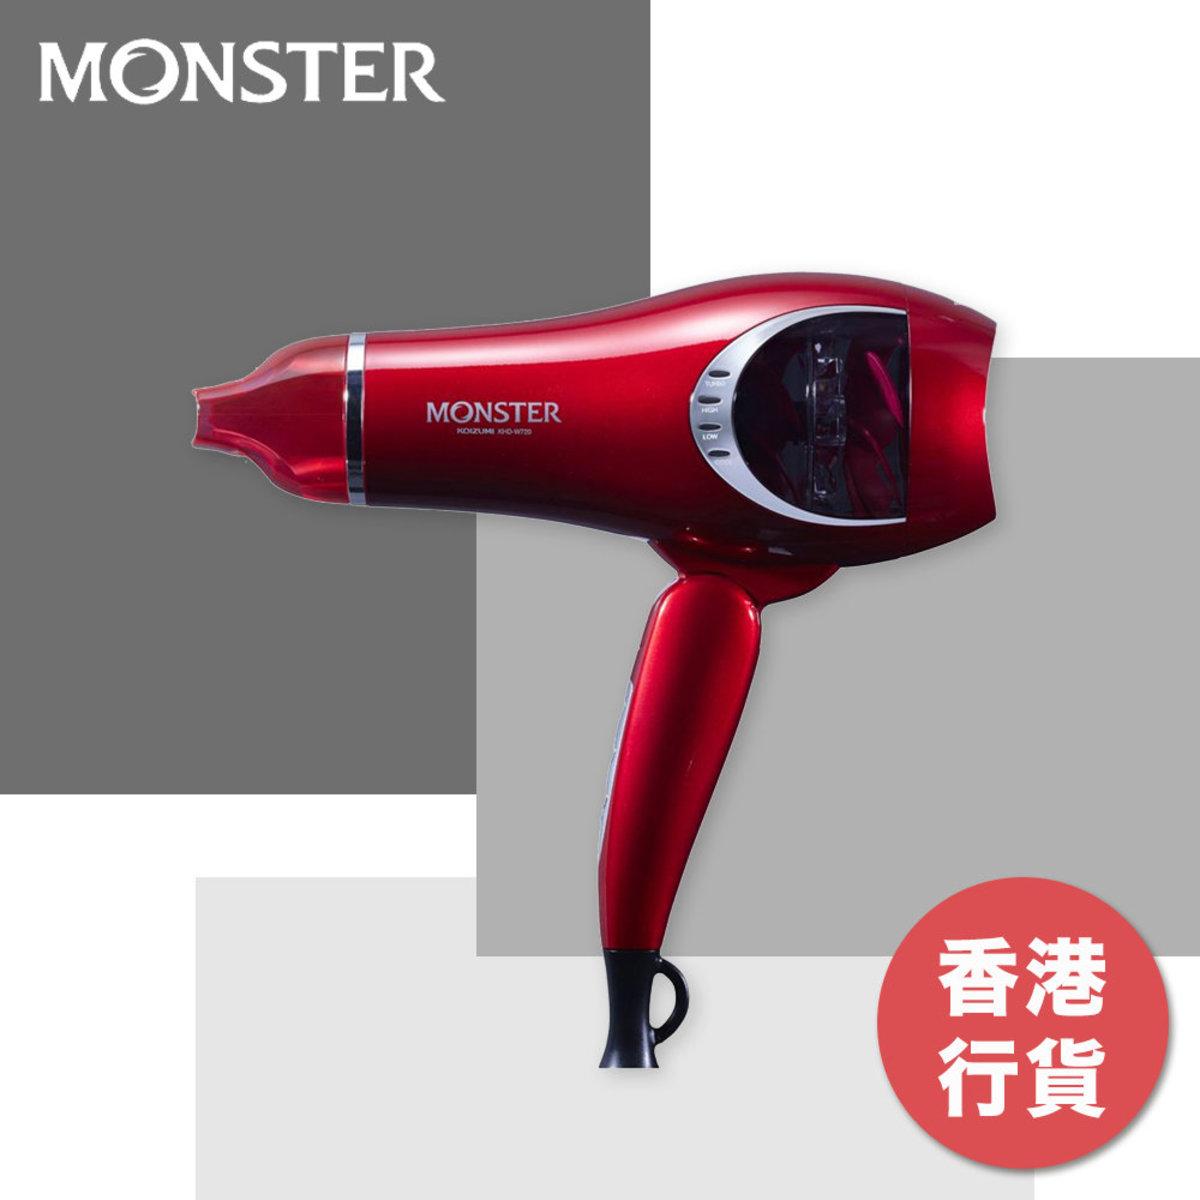 負離子雙渦輪旋風風筒 - KHD-W720/HR (紅色)